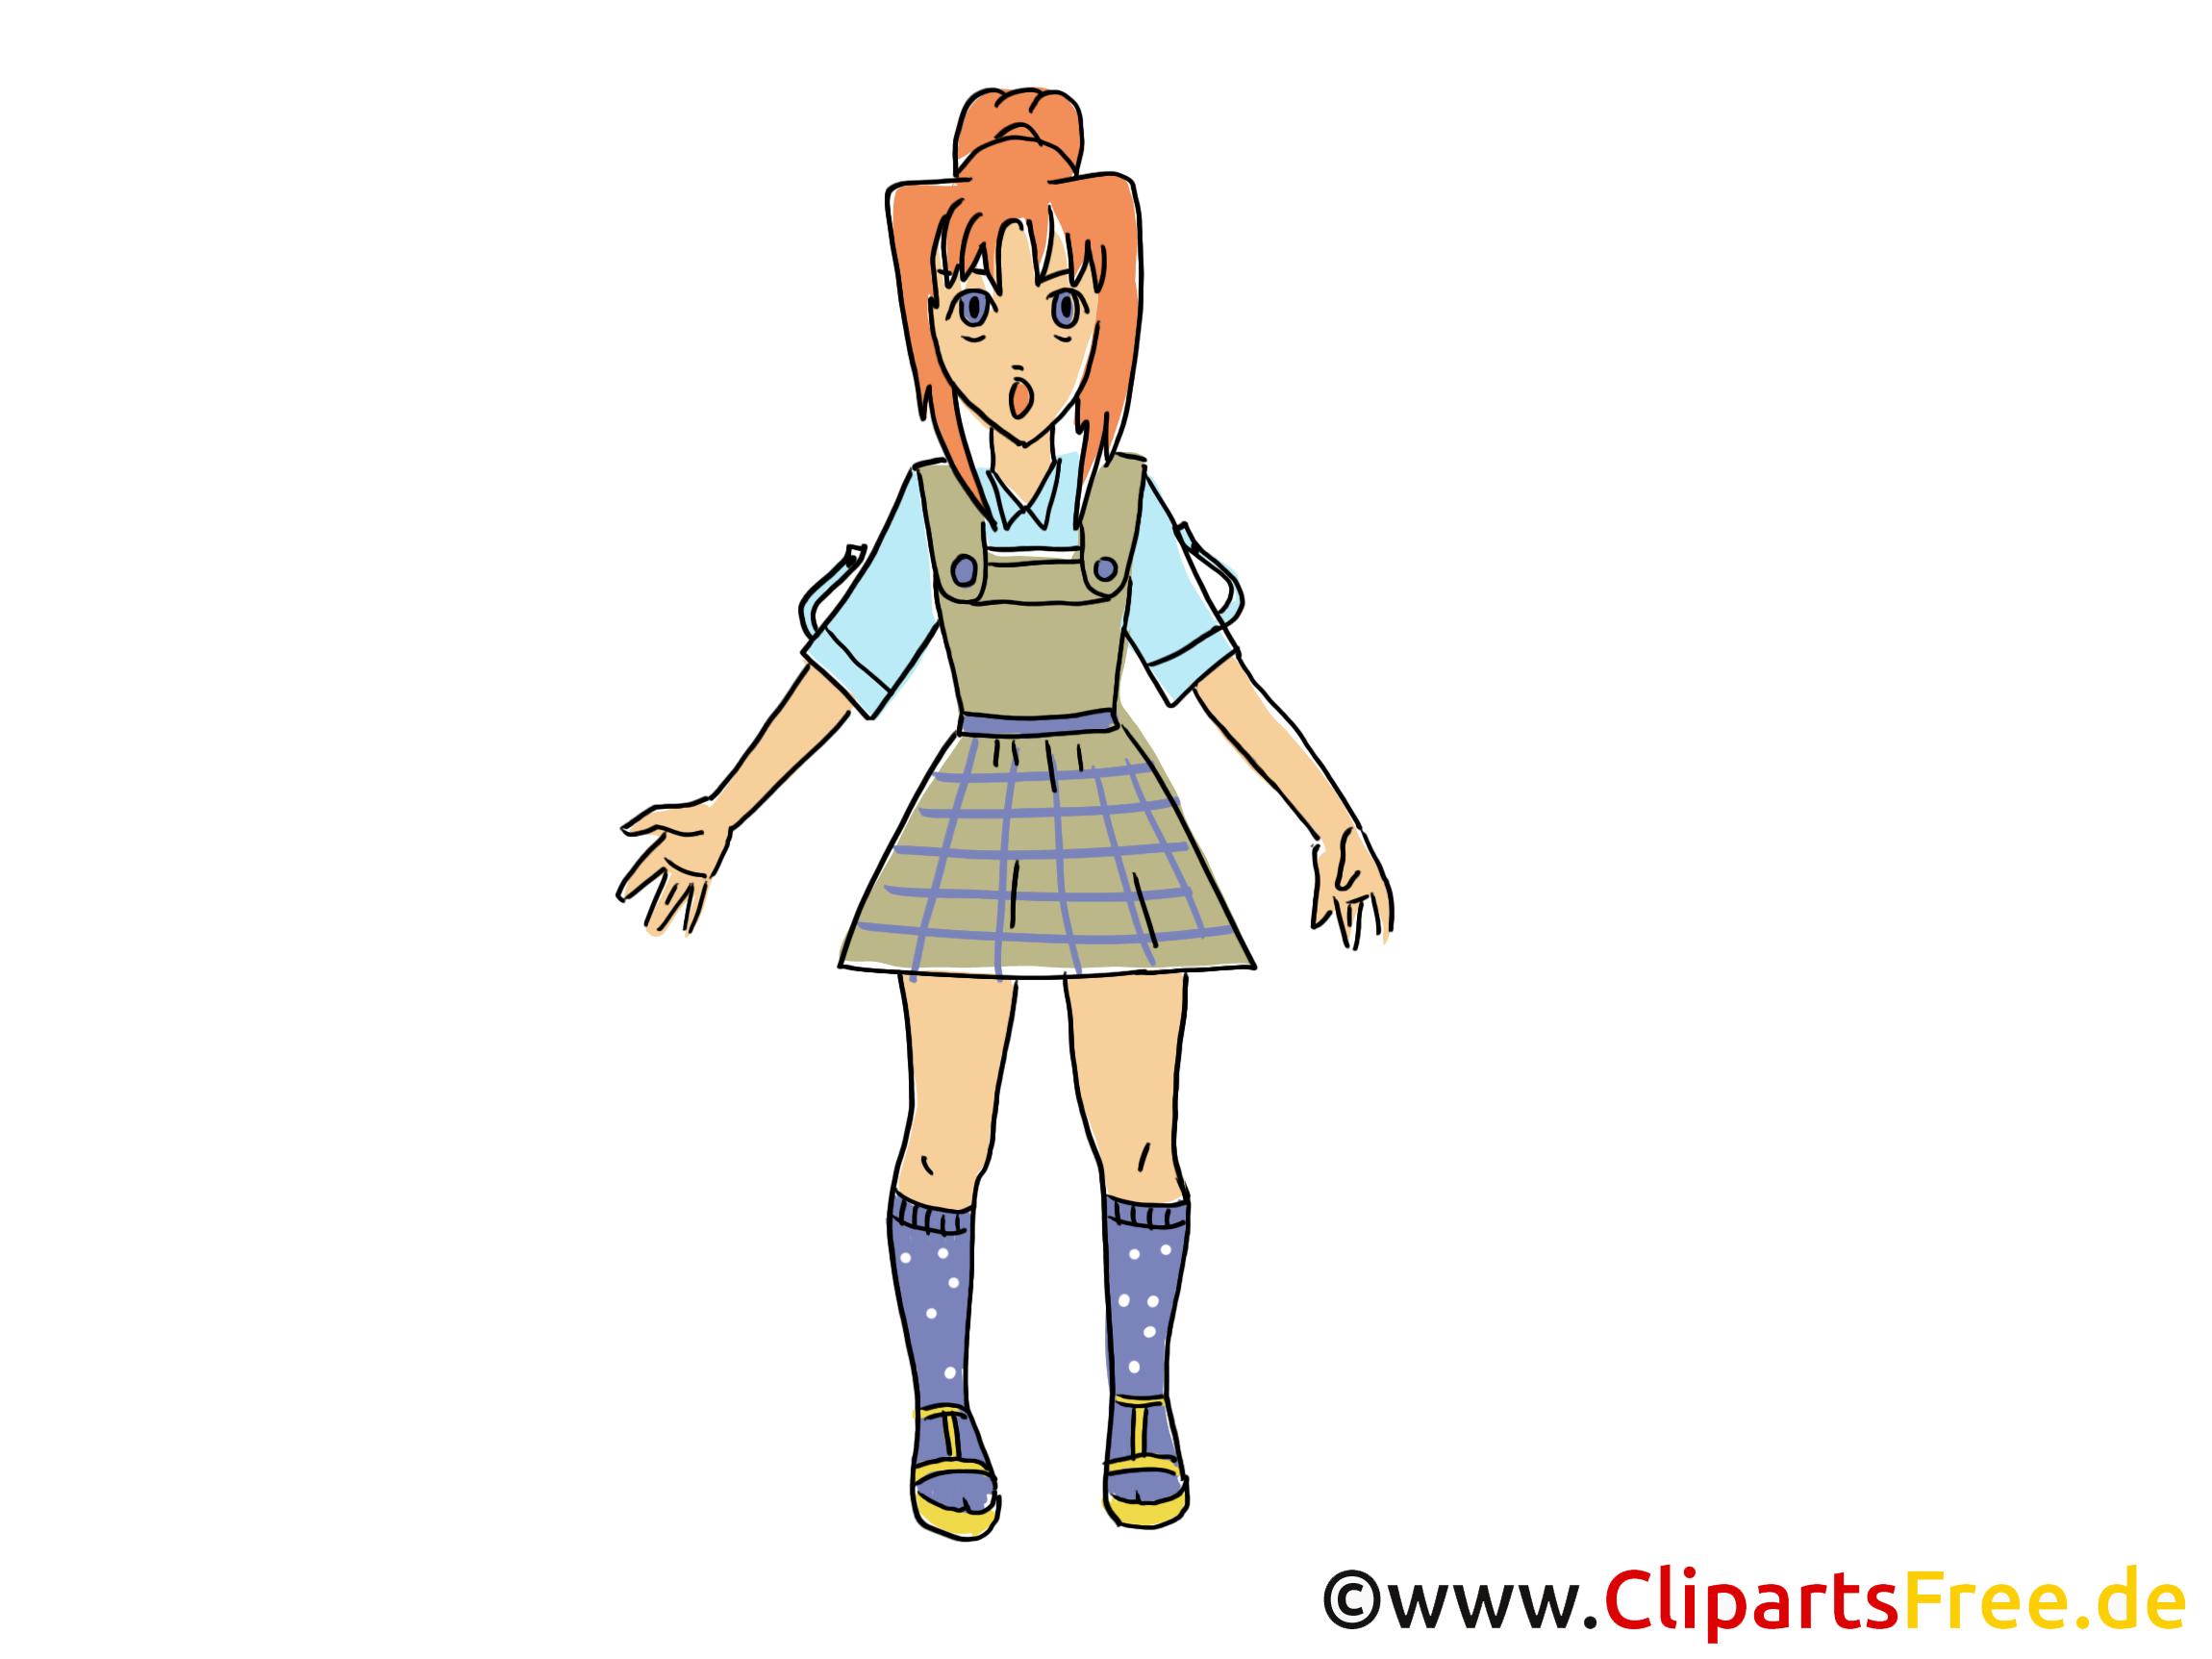 Manga image gratuite - Anime illustration